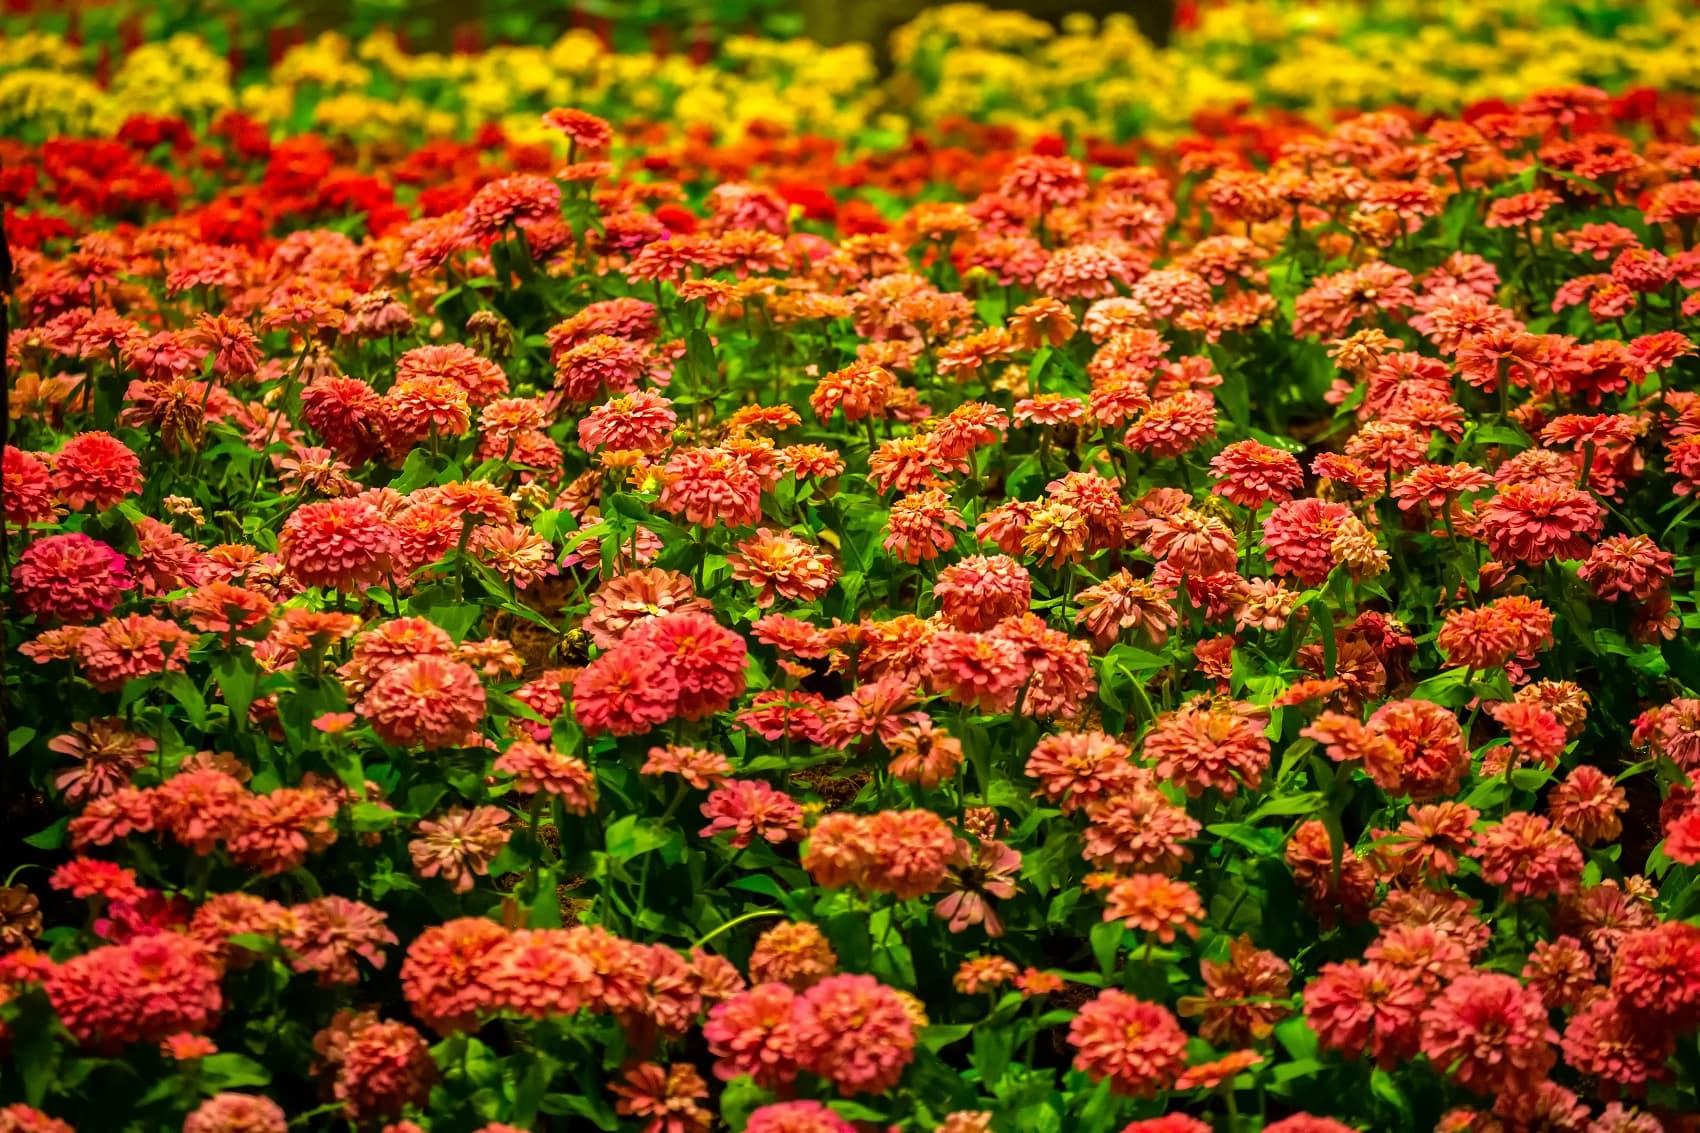 Biotanical garden